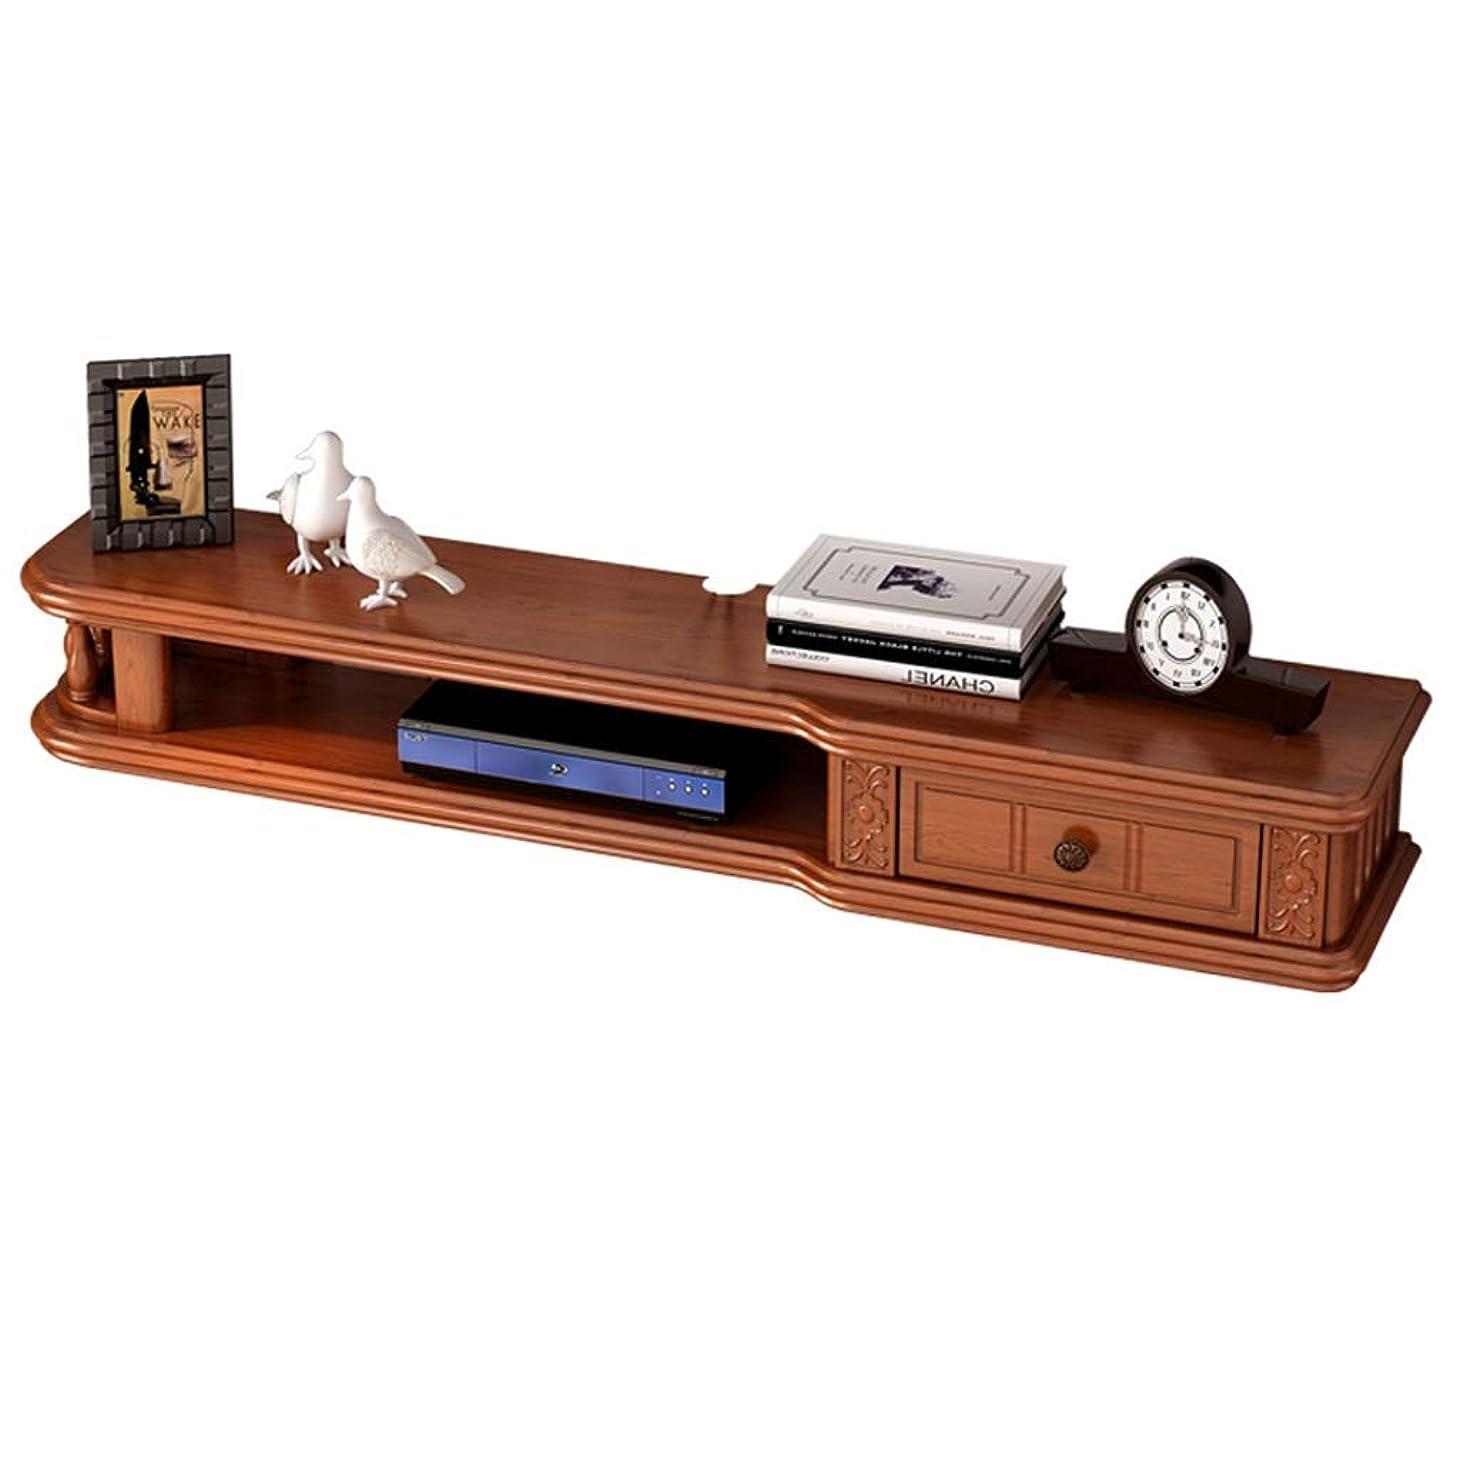 遠洋の邪魔する思いやりFU HOME フローティング壁棚テレビキャビネットテレビスタンドセットトップボックス棚テレビコンソール収納ユニットオーガナイザー棚用ケーブルボックス (色 : Brown, サイズ さいず : 100cm)